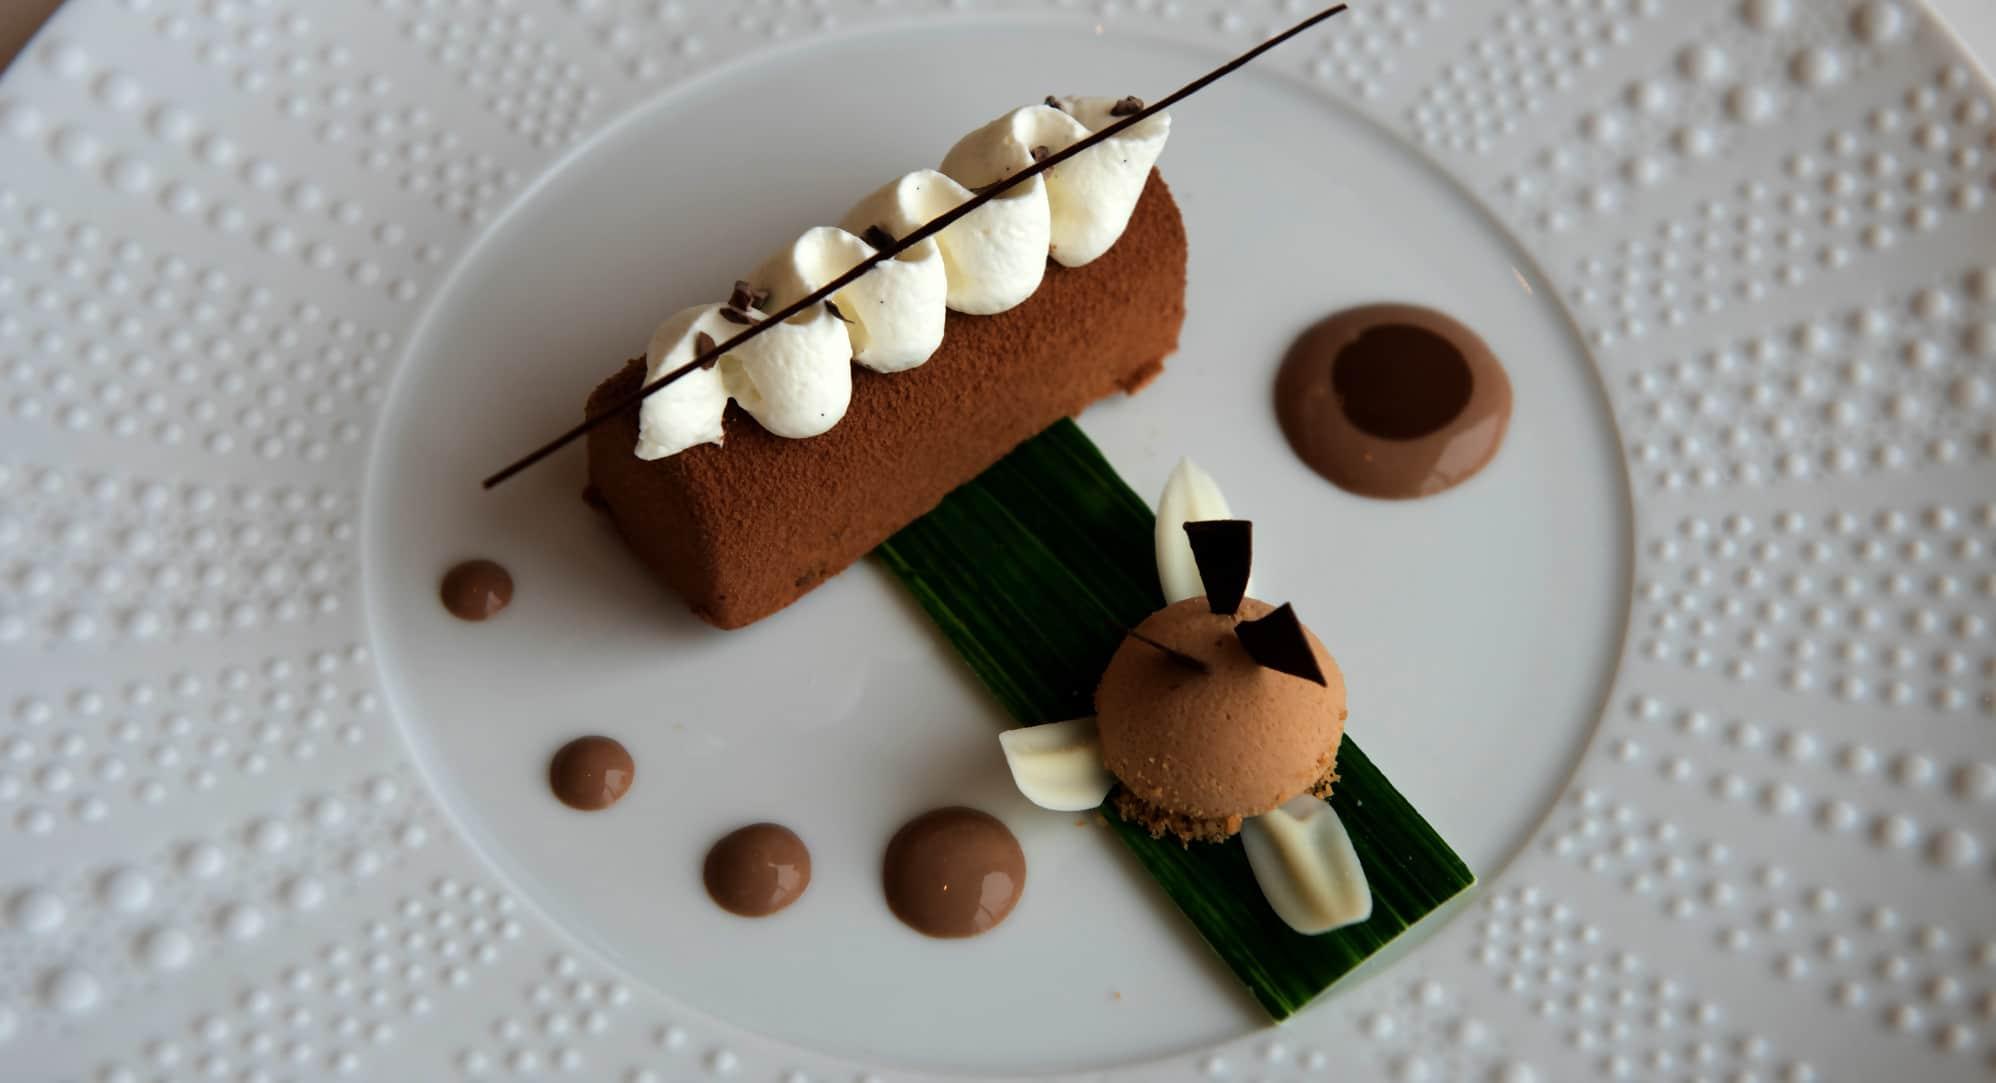 Chocolat - Dessert et patisserie Amboise